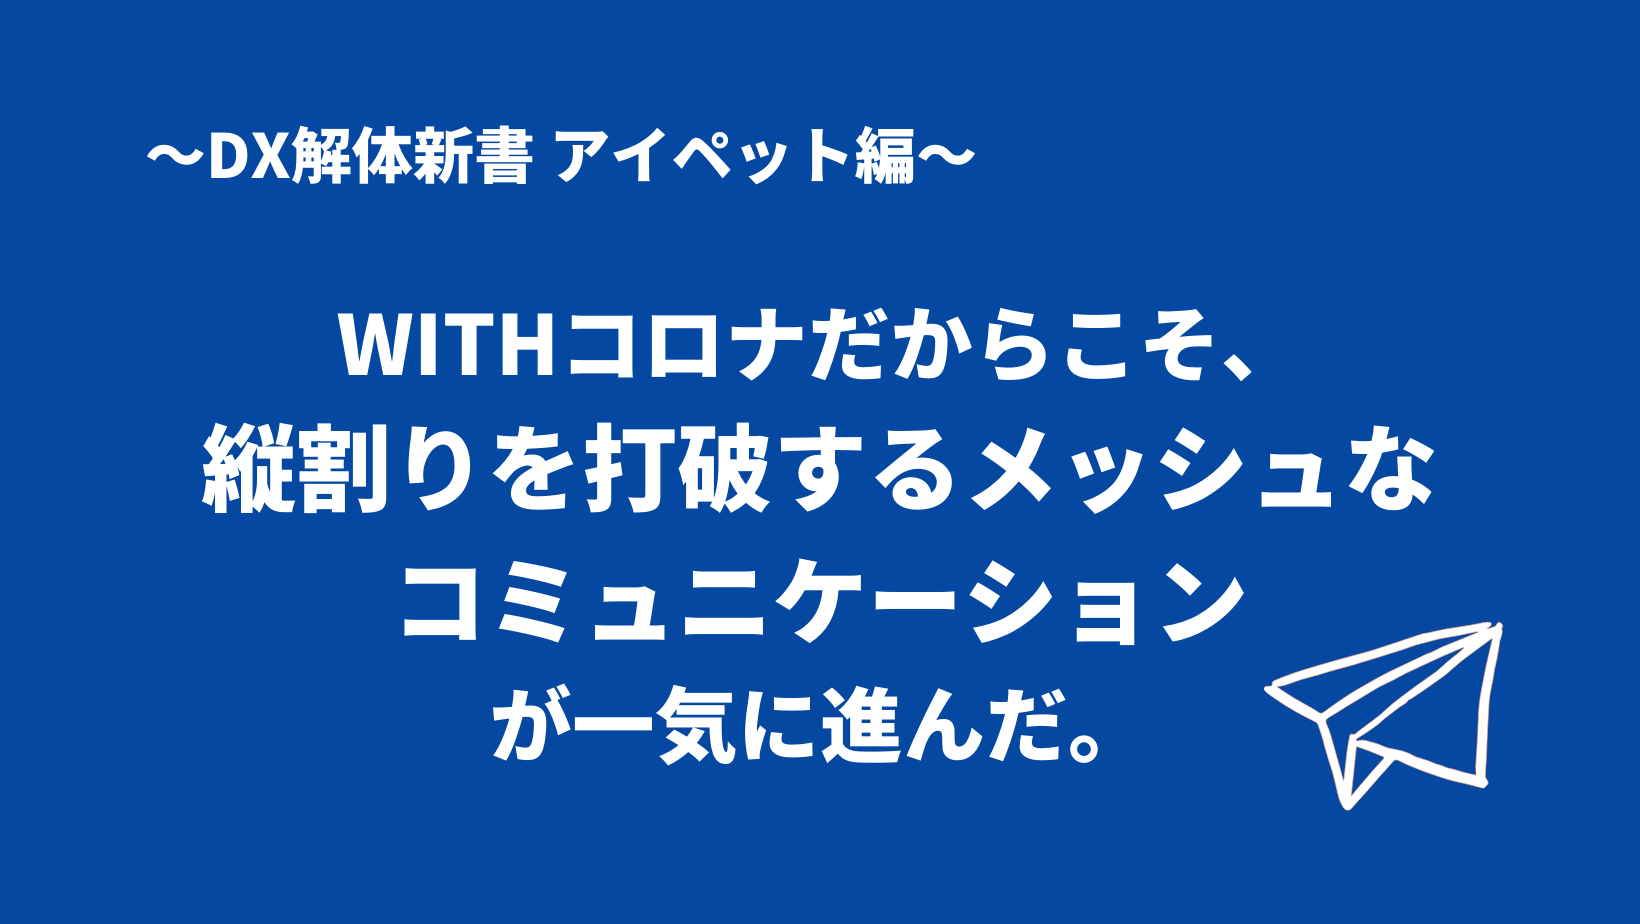 WITHコロナだからこそ、縦割りを打破するメッシュなコミュニケーションが一気に進んだ。  DX解体新書 アイペット編   一般社団法人 日本CTO協会